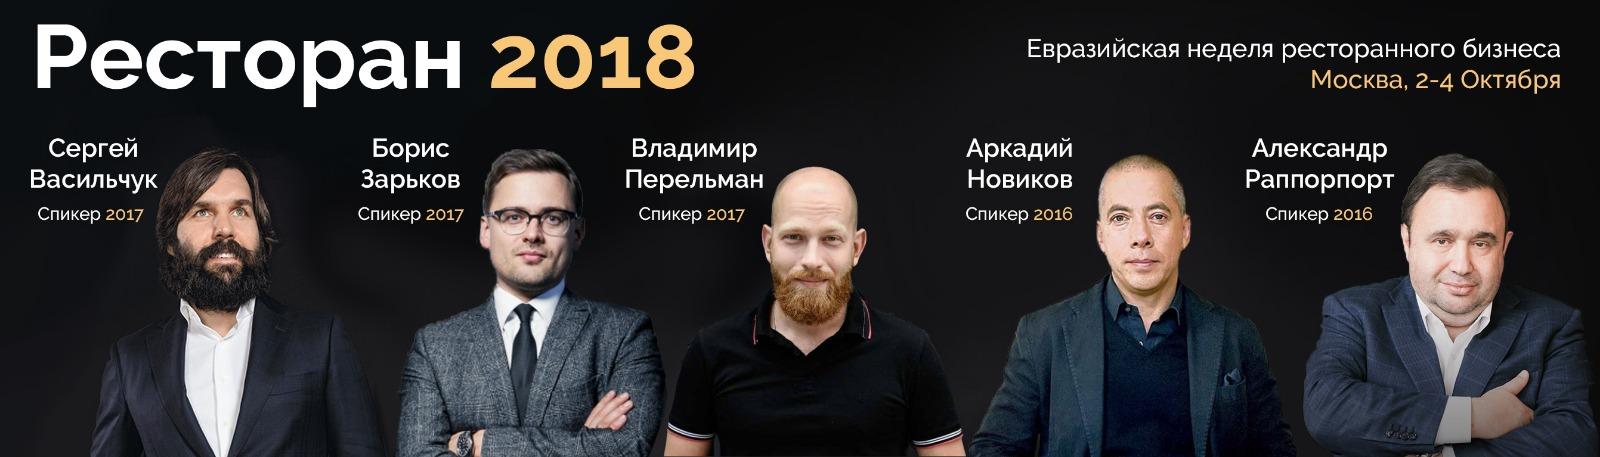 2-4 октября 2018 года. Форум по развитию ресторанного бизнеса «Ресторан 2018»